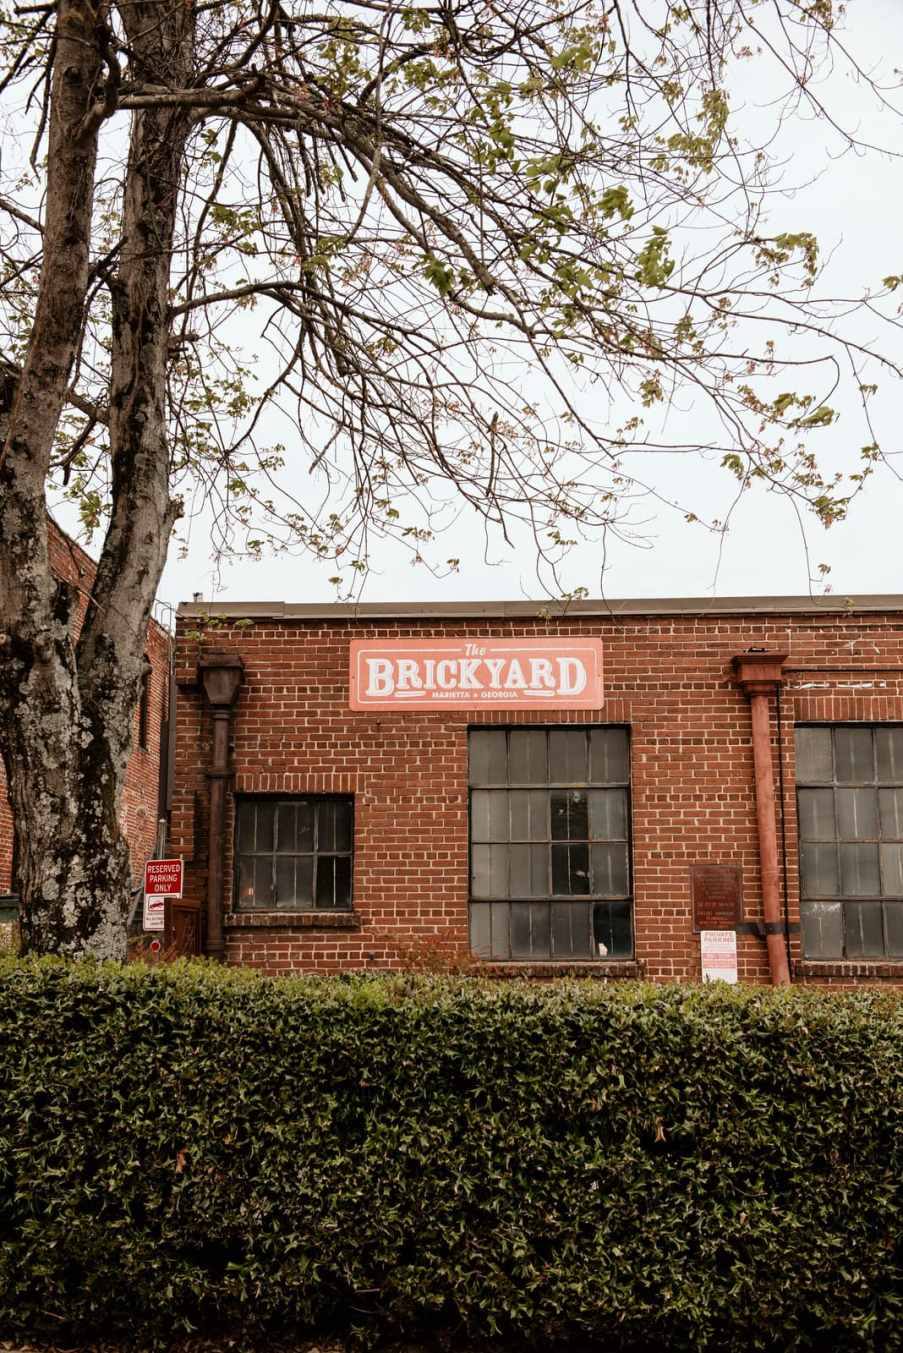 The Brickyard Marietta Georgia